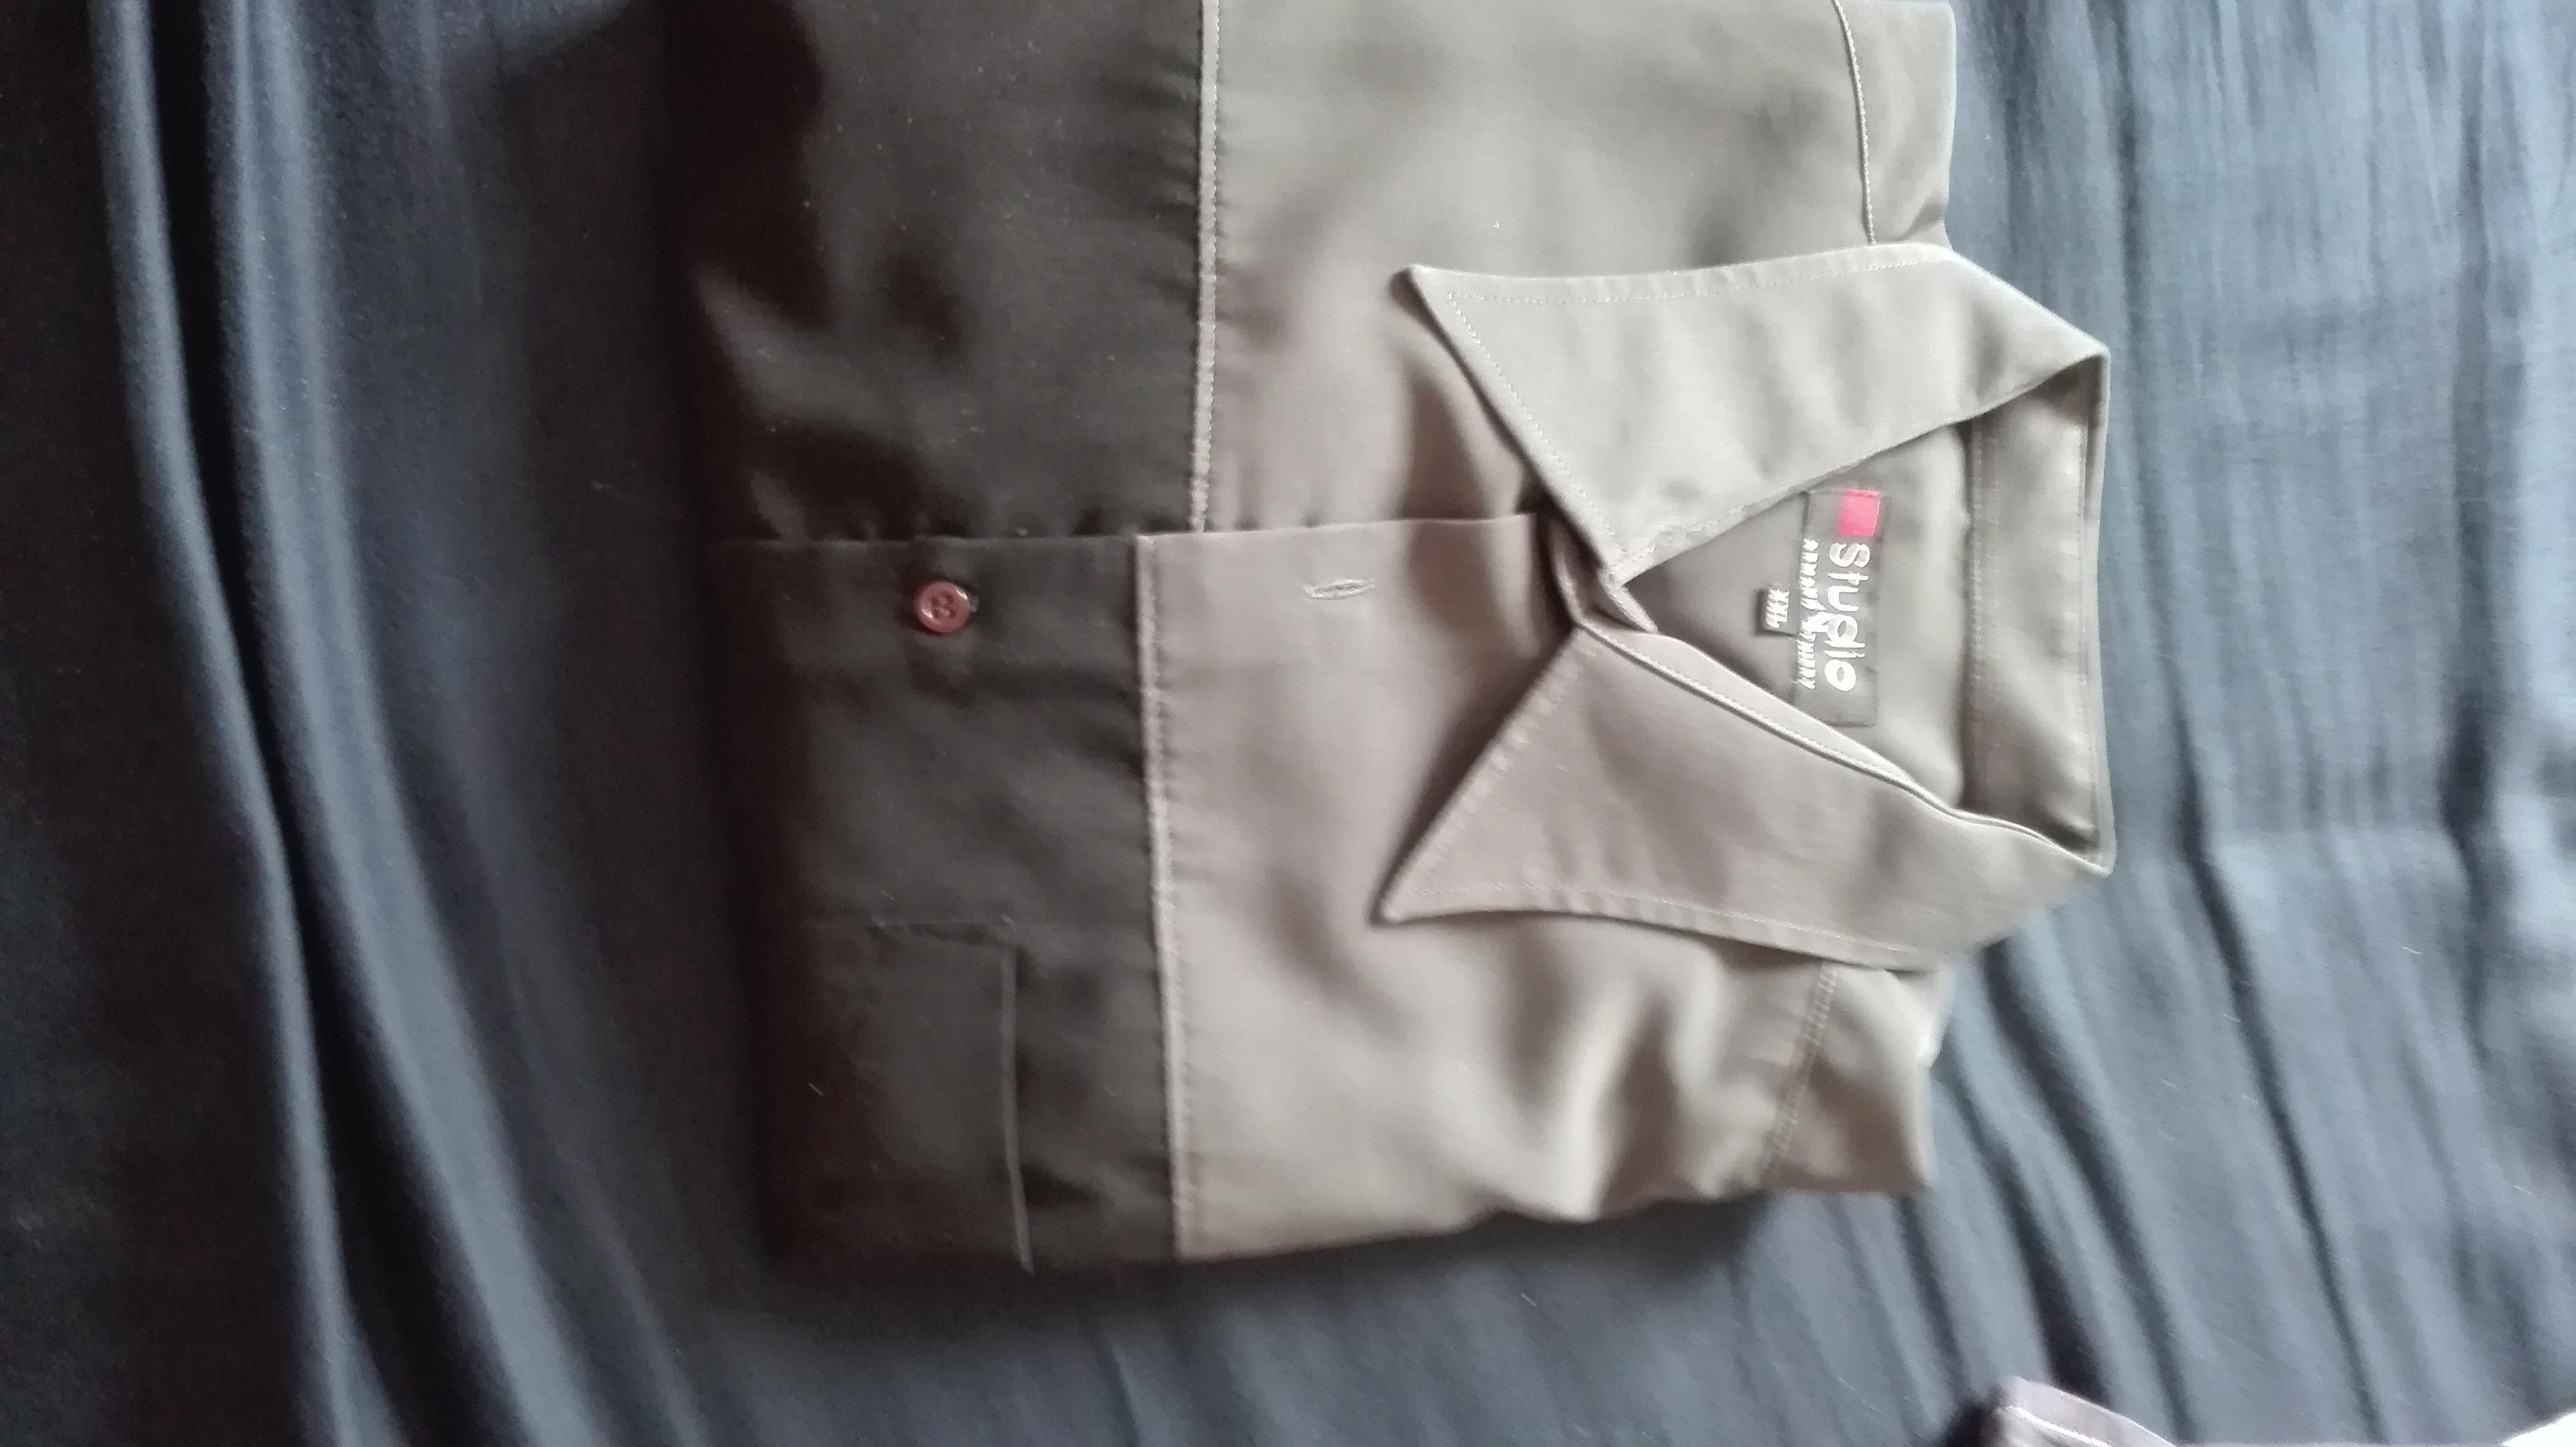 troc de troc chemise bicolore image 1